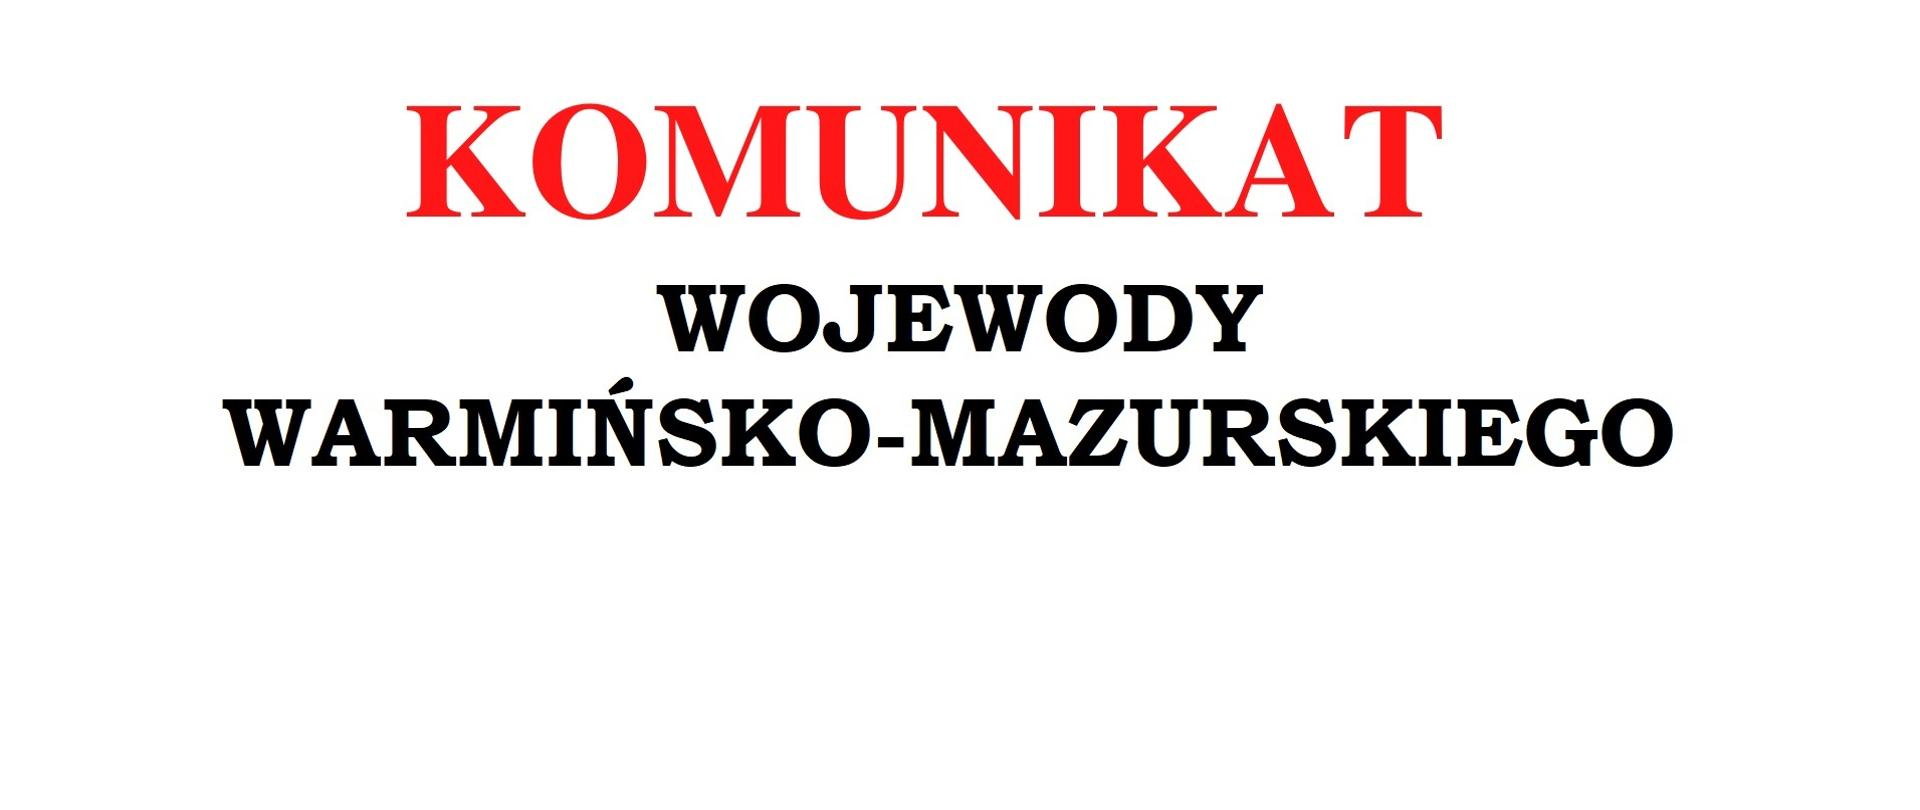 Komunikat Wojewody Warmińsko-Mazurskiego